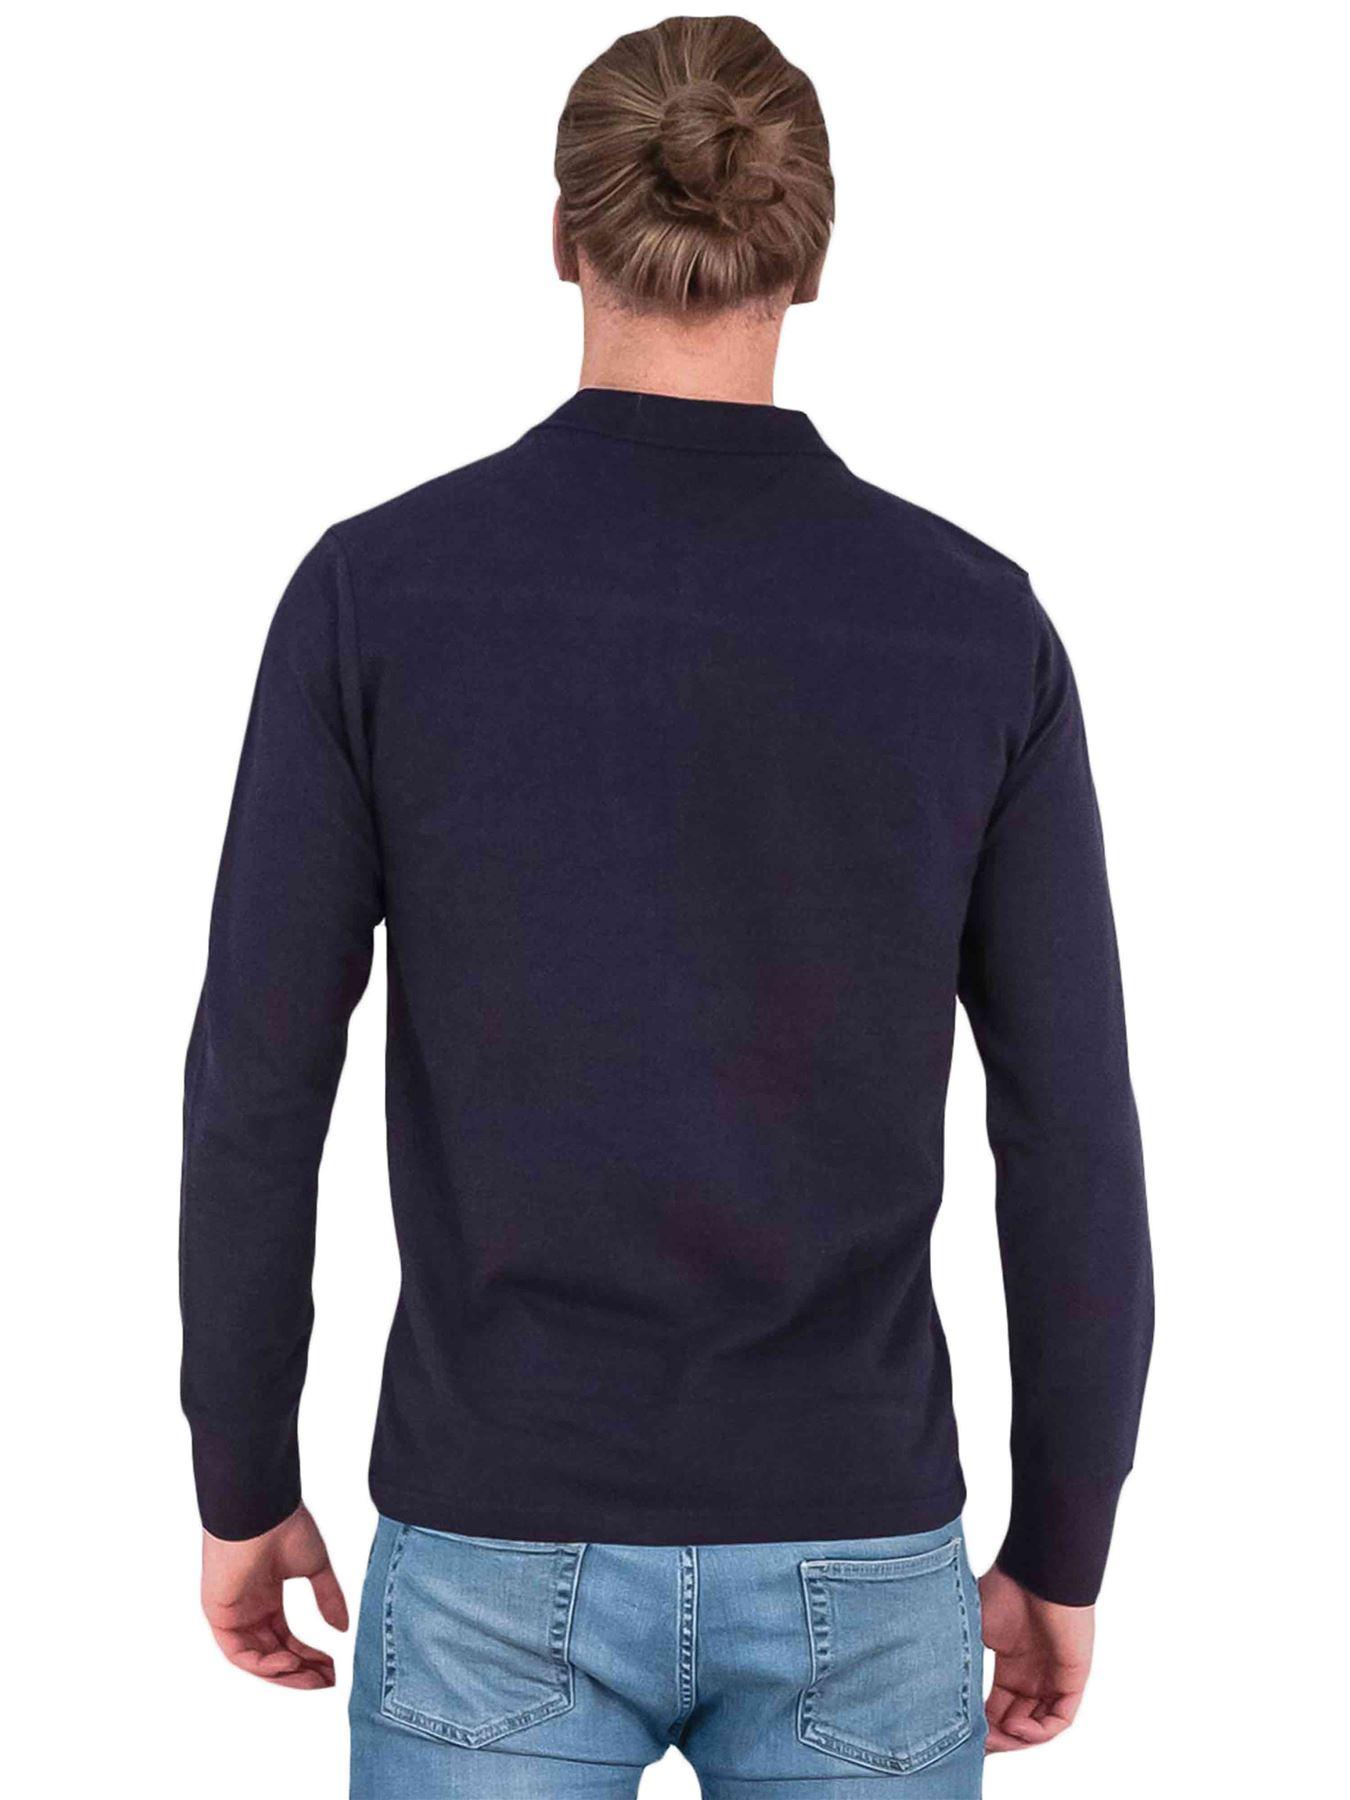 Homme-Polo-Brave-Soul-Lincoln-a-Manches-Longues-A-Col-Coton-Pique-Haut-Decontracte-Chemise miniature 10